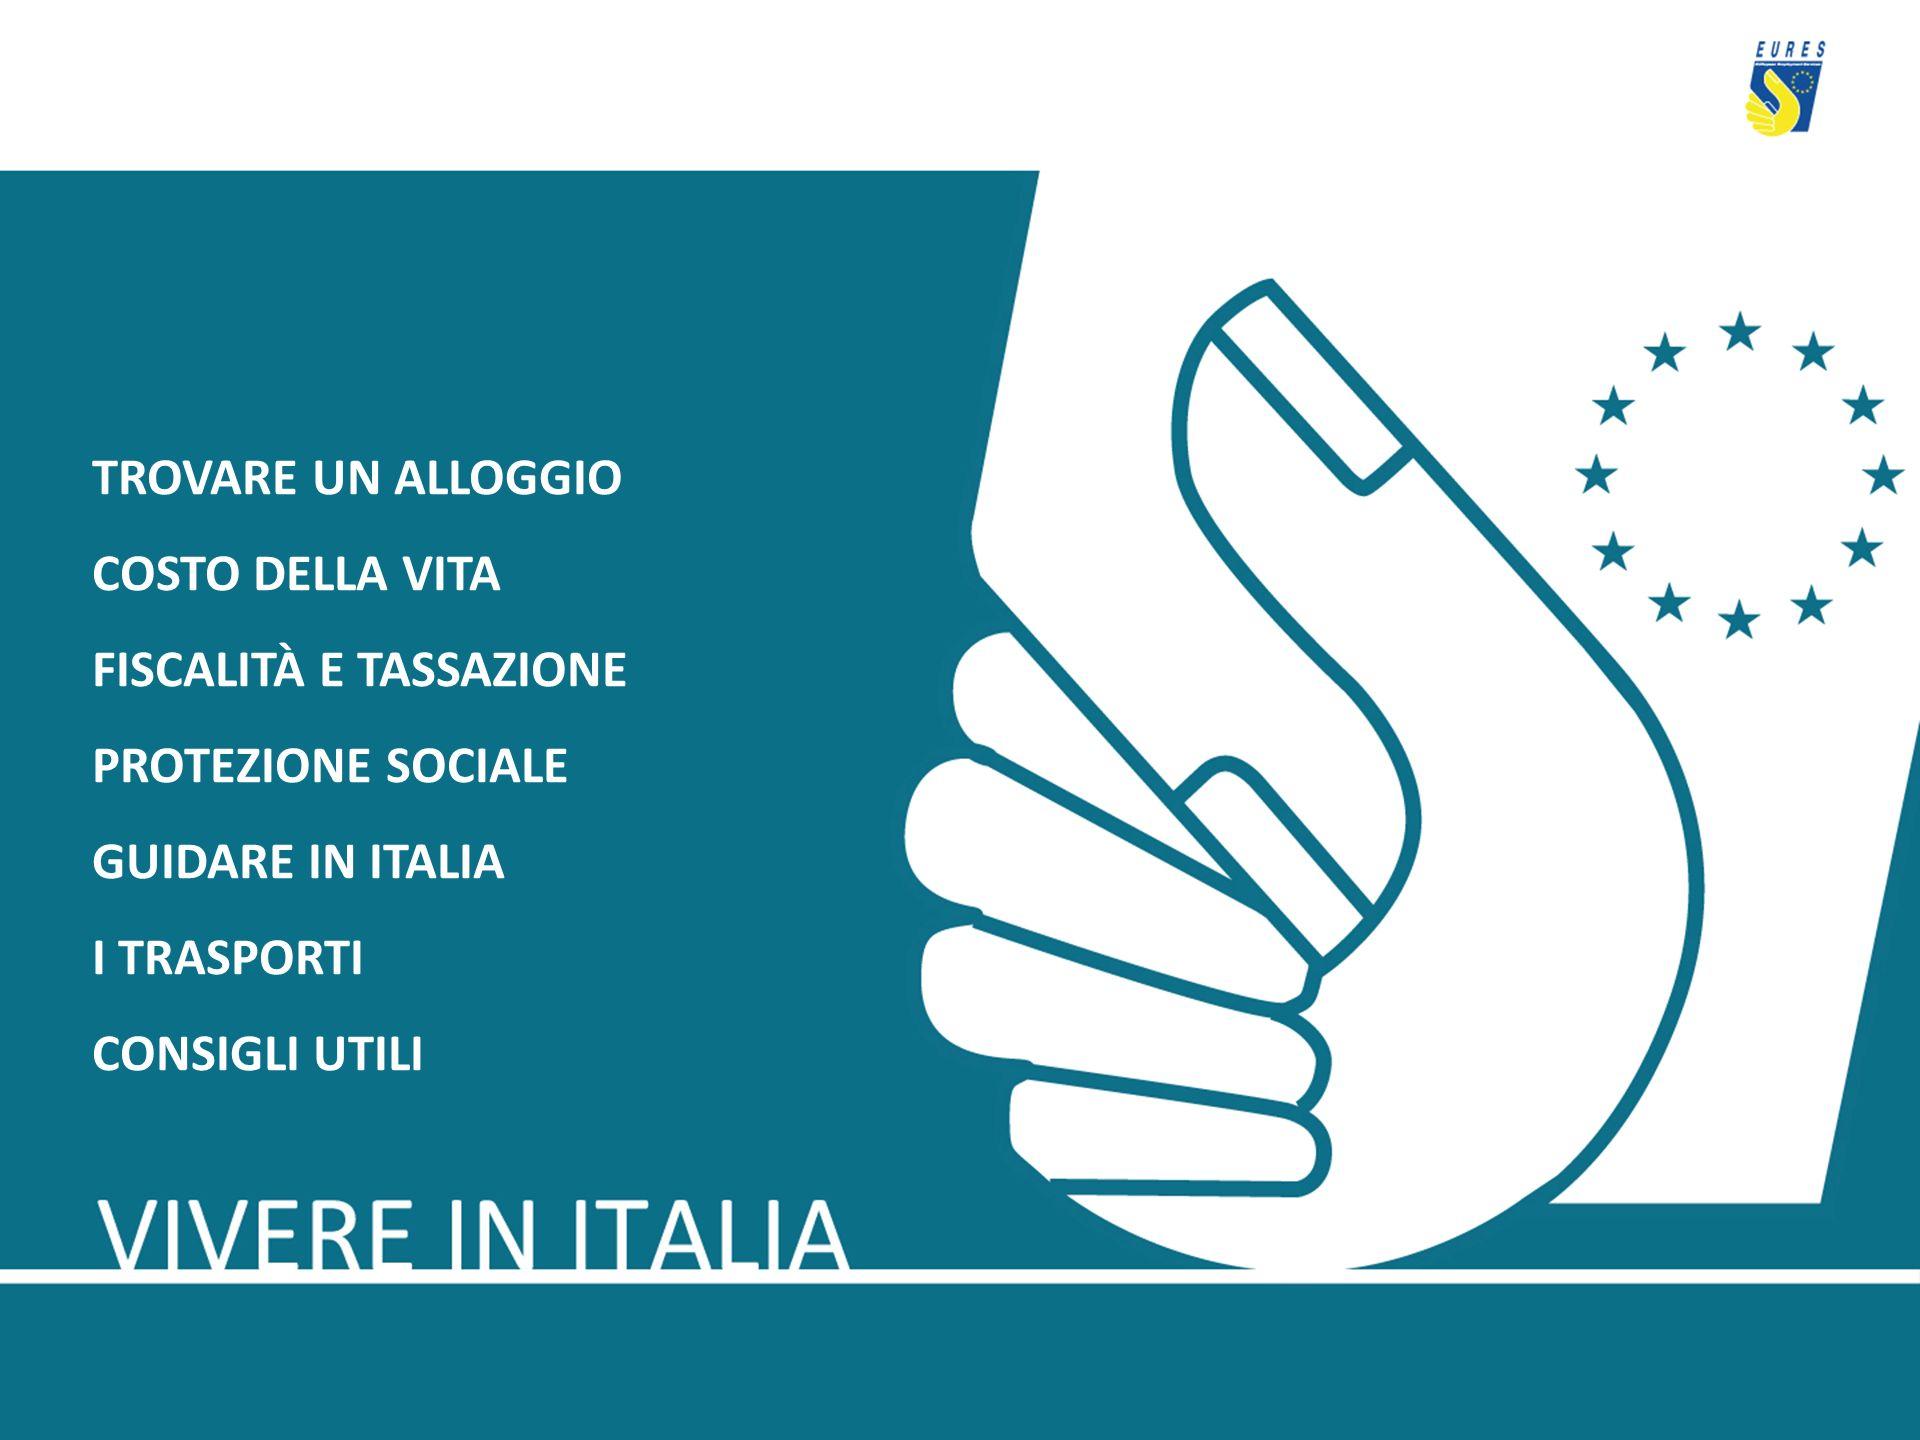 TROVARE UN ALLOGGIO COSTO DELLA VITA FISCALITÀ E TASSAZIONE PROTEZIONE SOCIALE GUIDARE IN ITALIA I TRASPORTI CONSIGLI UTILI